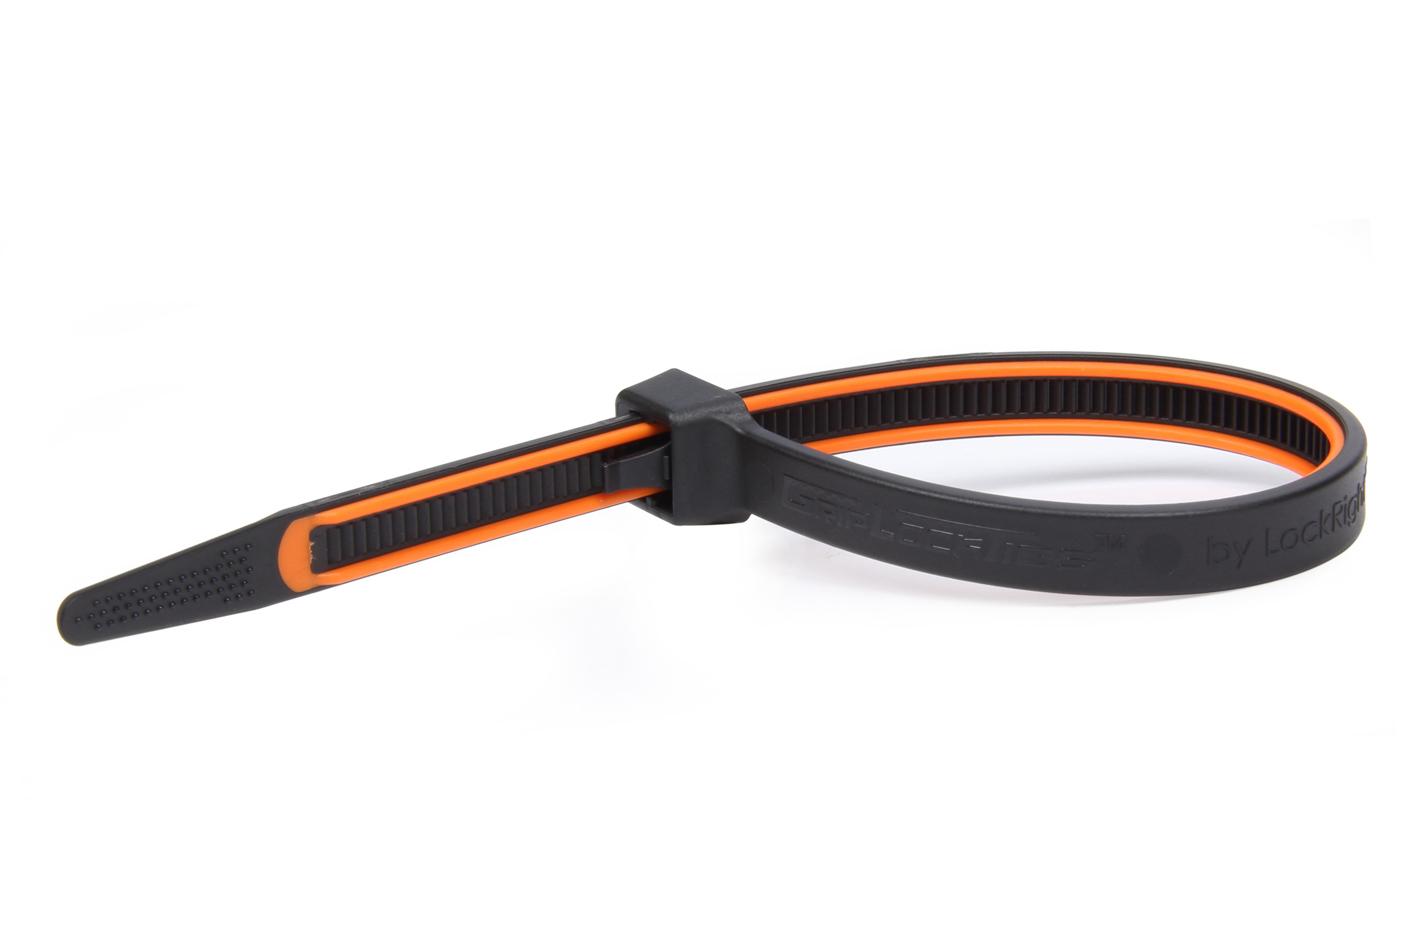 Grip Lock Ties 2908BKOGHB40 Cable Ties, Zip Ties, 8 in Long, Orange Rubber Lined, Nylon, Black, Reusable, Set of 40